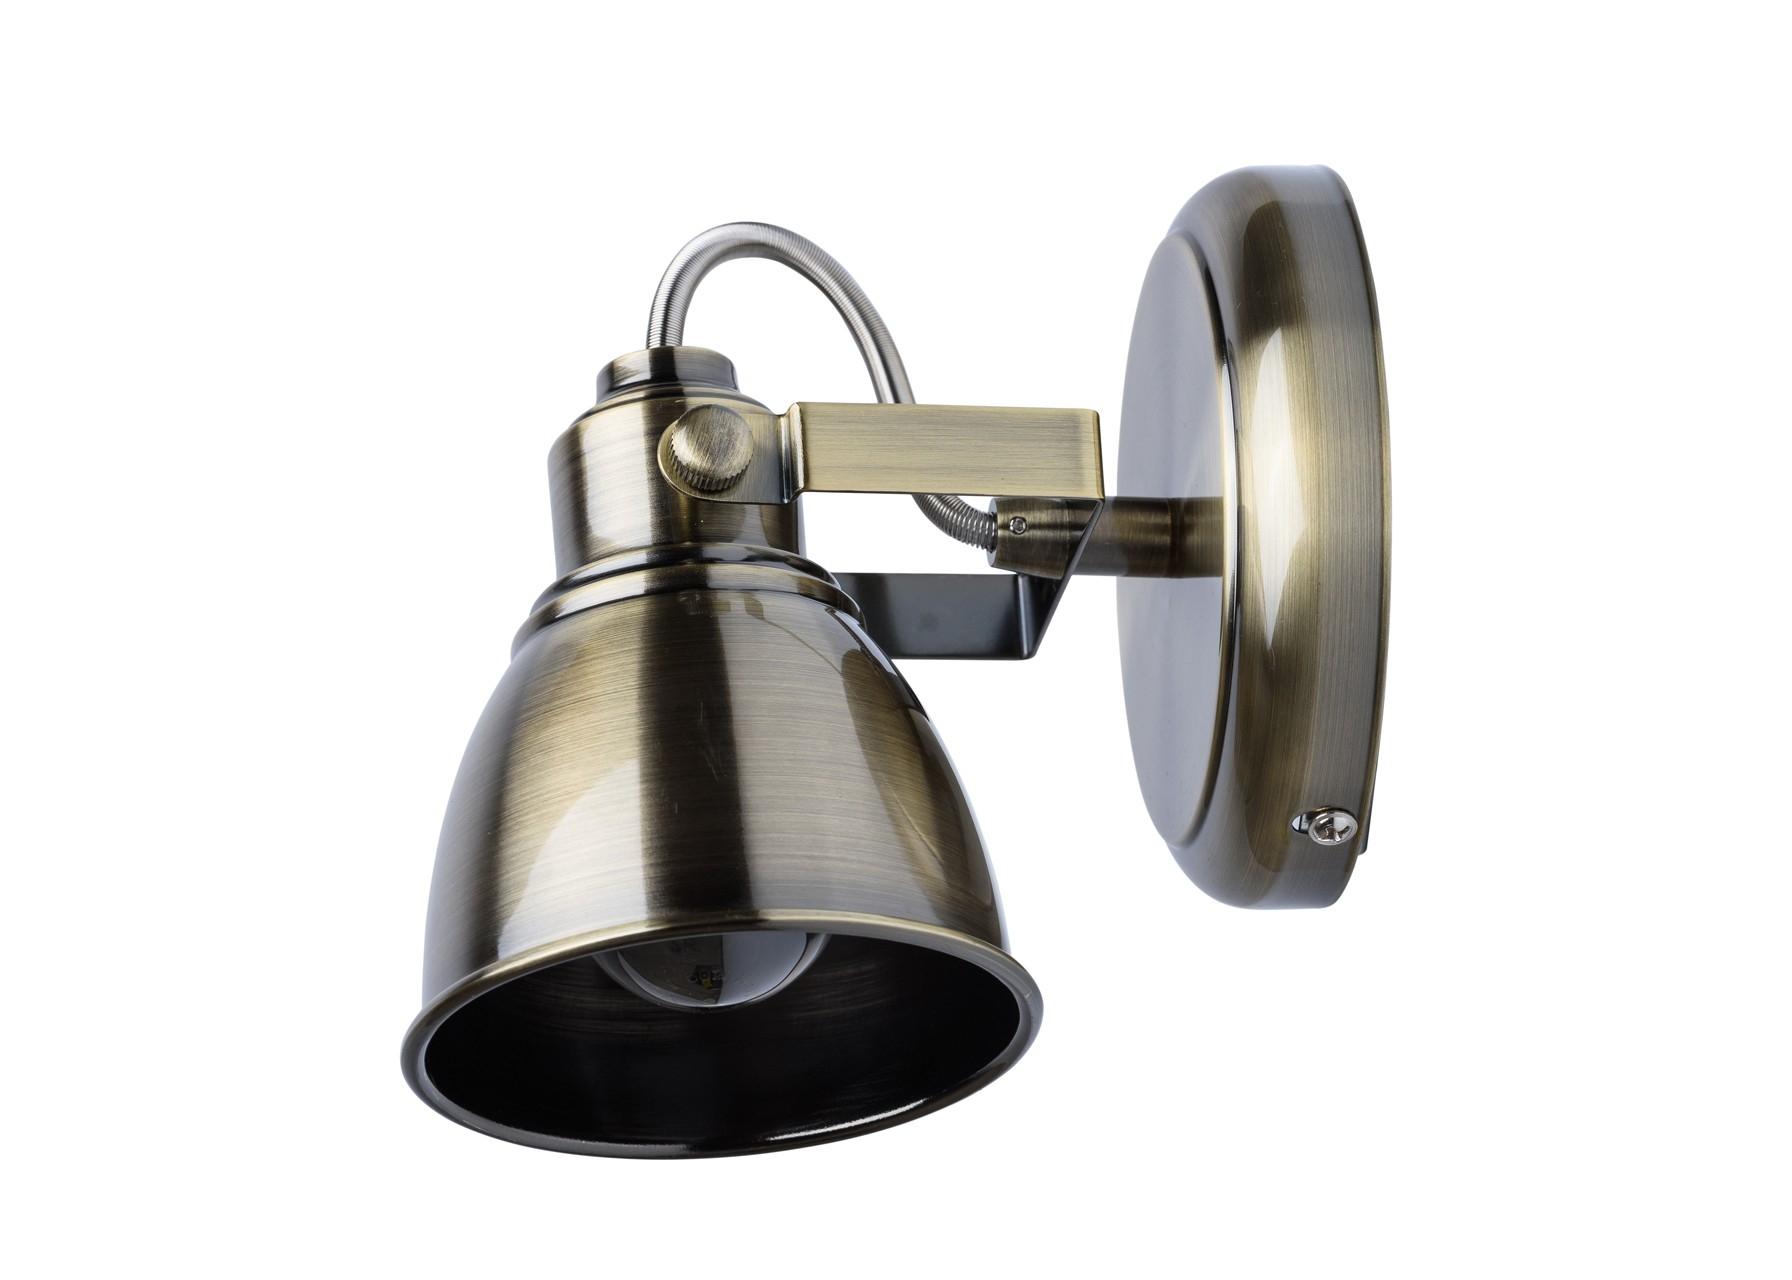 БраБра<br>&amp;lt;div&amp;gt;Стильный &amp;amp;nbsp;дизайн светильников-спотов из коллекции «Ринген» сейчас в тренде. &amp;amp;nbsp;Гальванизированное &amp;amp;nbsp;в цвет античной бронзы основание, подчеркнуто строгими, округлой формы плафонами. &amp;amp;nbsp;В тандеме они создают продуманную и гармоничную композицию. К числу достоинств светильника относится возможность менять направление света на своё усмотрение, создавая необходимую атмосферу в комнате. Данная модель &amp;amp;nbsp;идеально подойдет для зональной подсветки. Рекомендуемая площадь освещения порядка 6 кв.м.&amp;lt;/div&amp;gt;&amp;lt;div&amp;gt;Металлическое основание и плафон цвета античной бронзы.&amp;lt;/div&amp;gt;&amp;lt;div&amp;gt;1*40W E14 220 V IP20&amp;lt;/div&amp;gt;&amp;lt;div&amp;gt;&amp;lt;br&amp;gt;&amp;lt;/div&amp;gt;<br><br>Material: Металл<br>Length см: 15<br>Width см: 10<br>Height см: 18